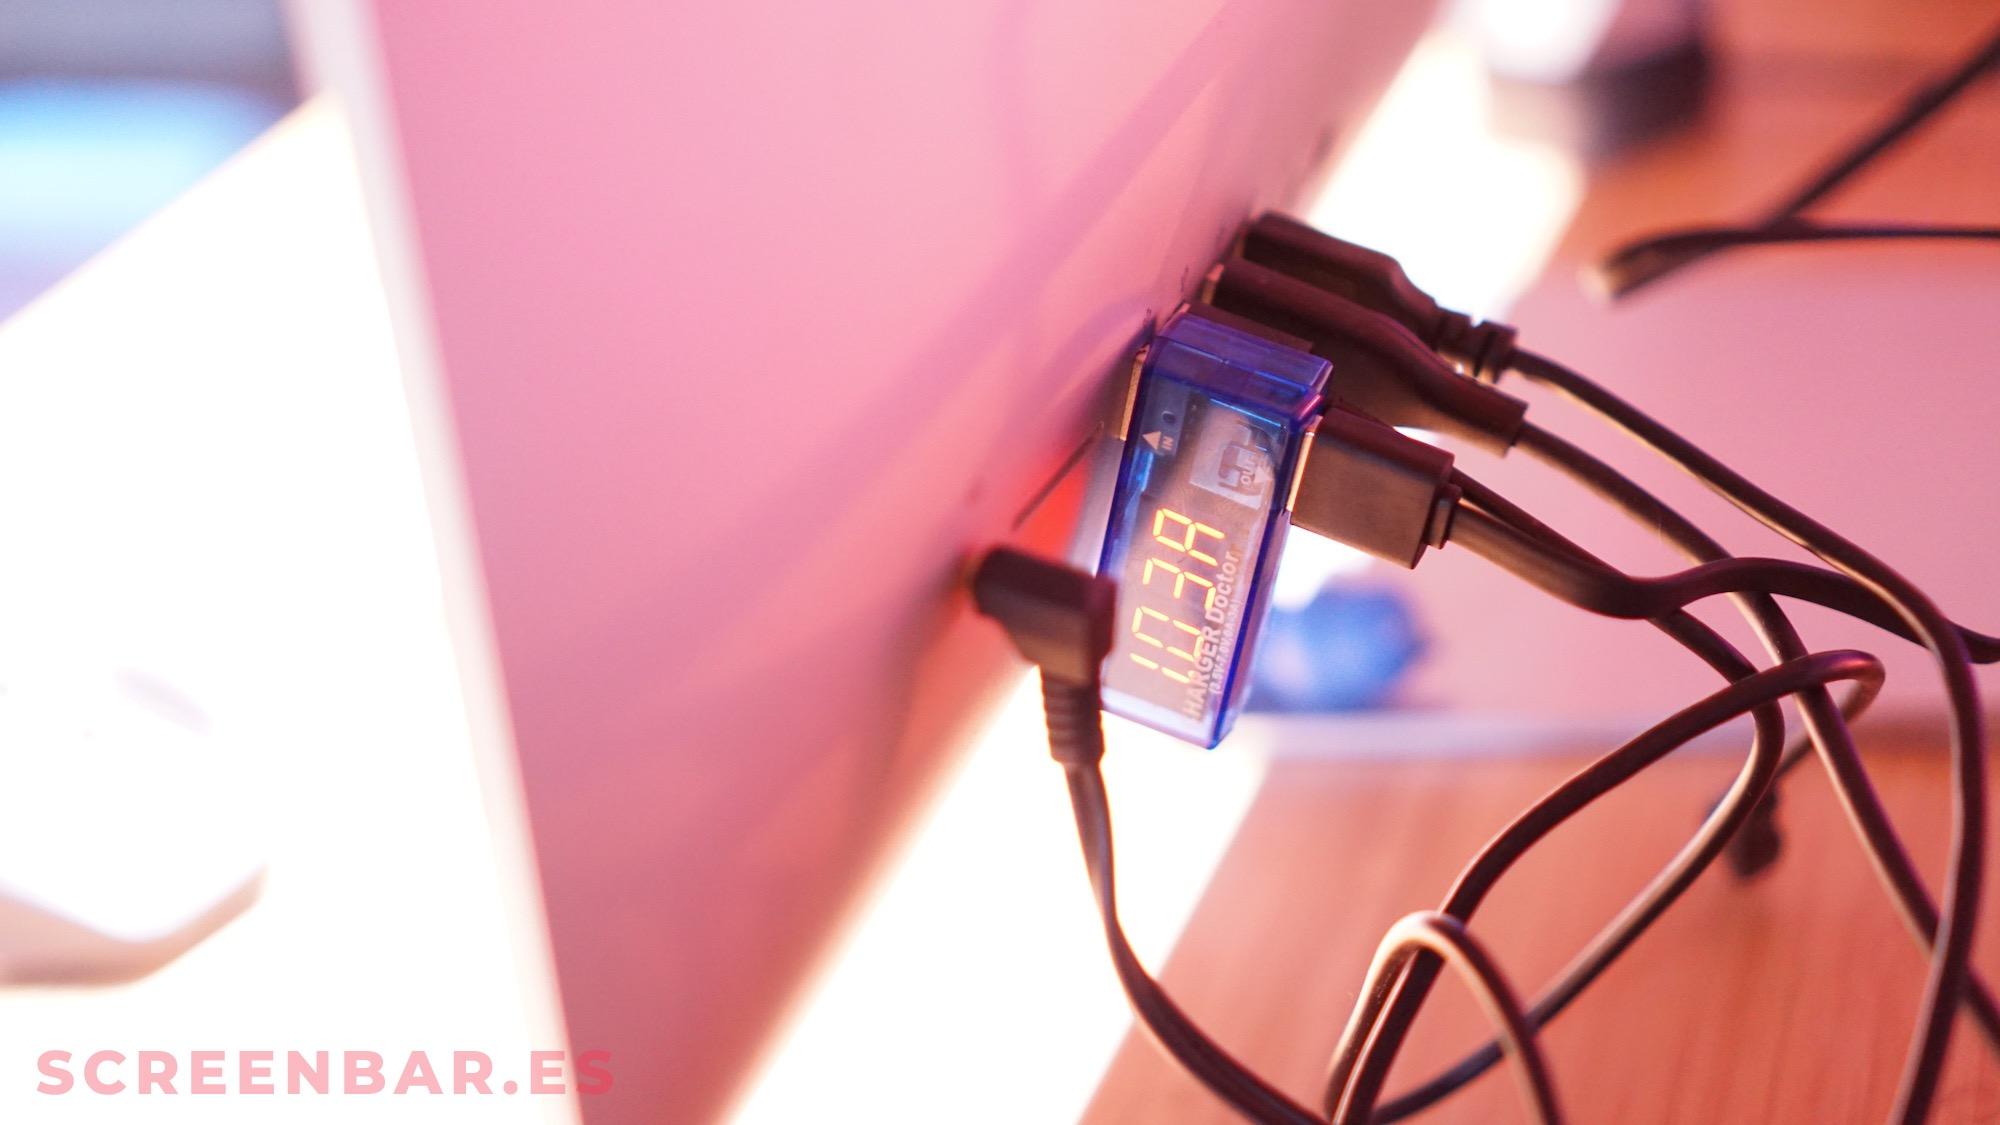 Corriente por USB de la screenbar xiaomi